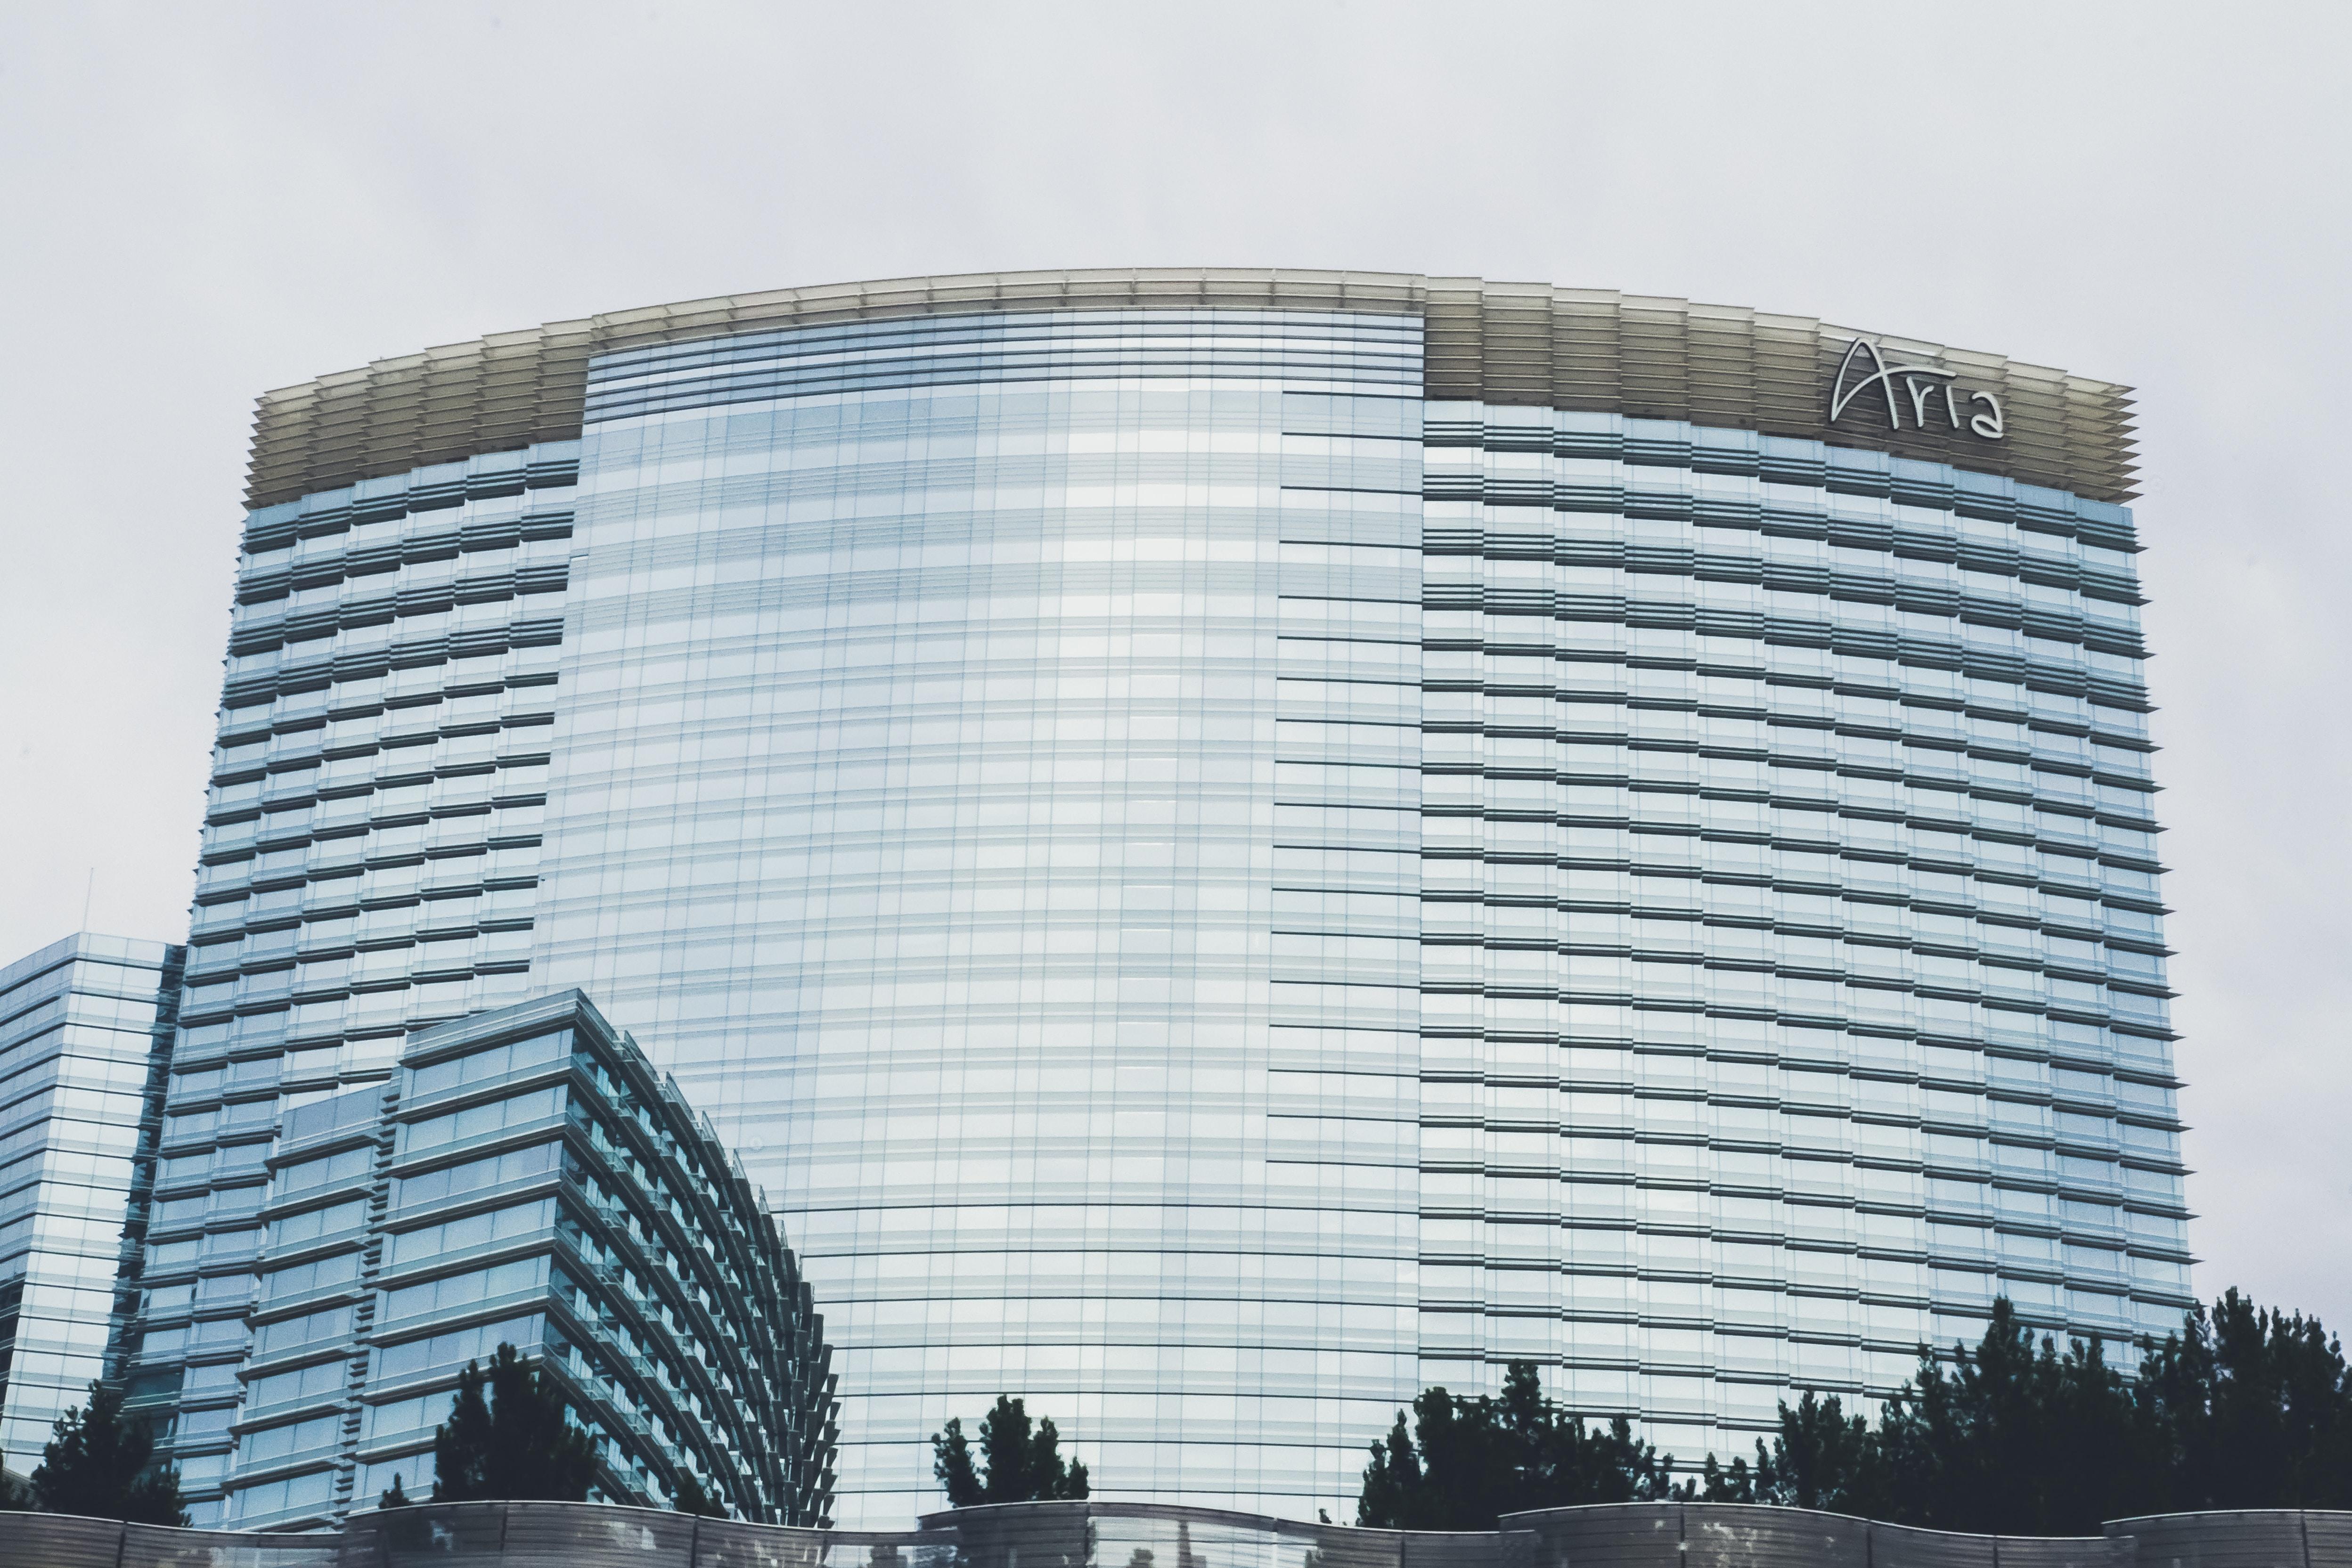 Aria building under grey sky